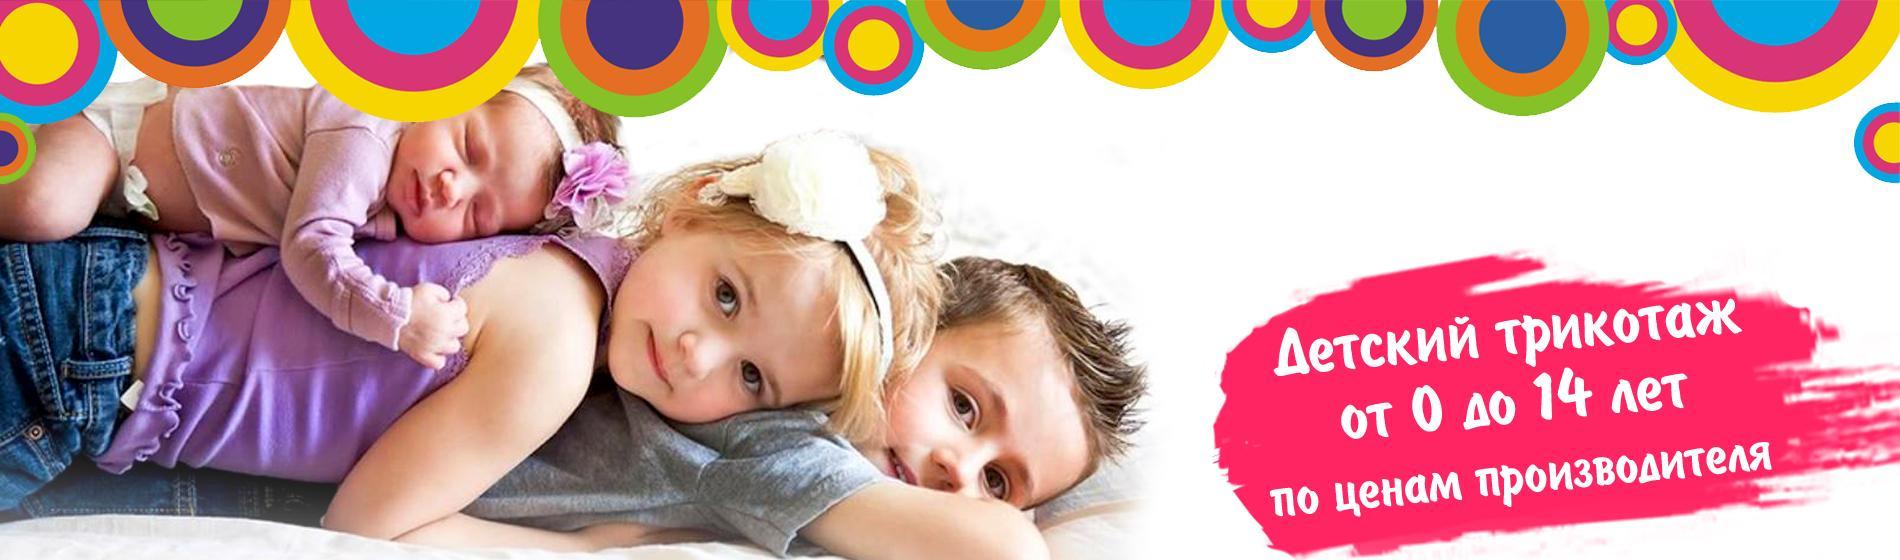 84654c8a7f1c Детский интернет-магазин Style-Baby в Киеве🌼(Украина)🌺